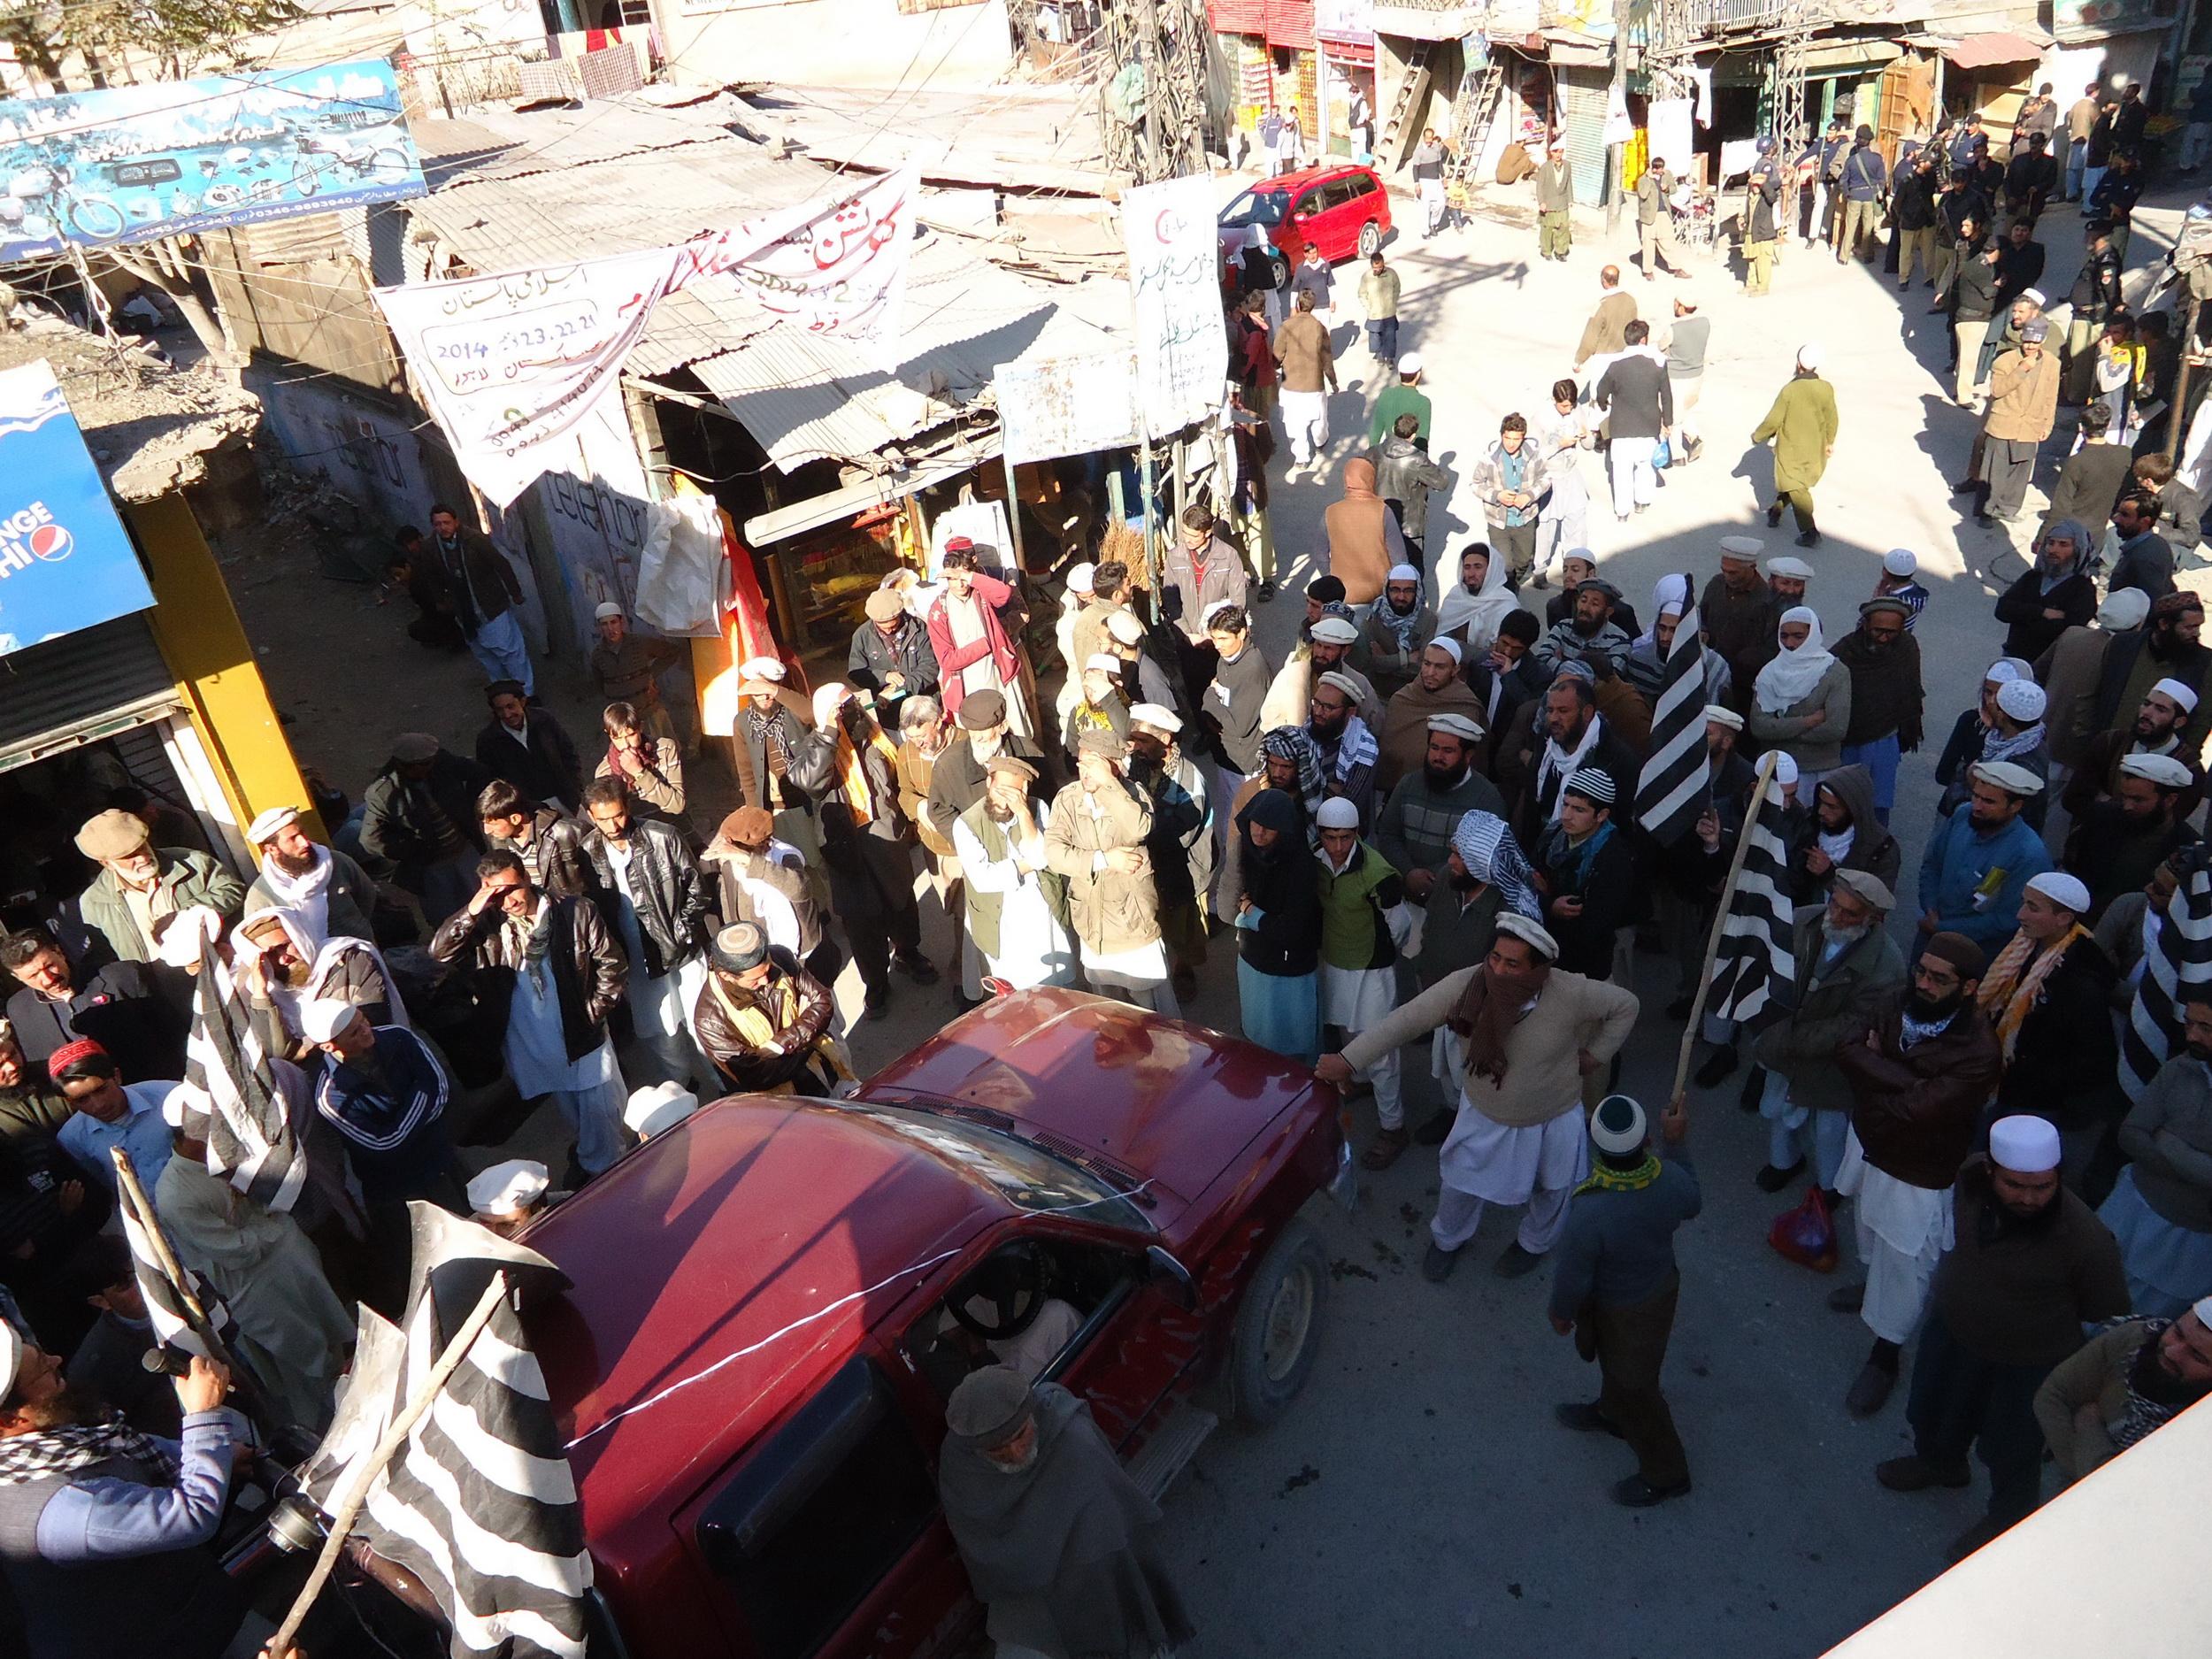 مولانا فضل الرحمان پر حملے کی تحقیقاتی رپورٹ سامنے نہ آسکی، چترال میں احتجاجی مظاہرہ